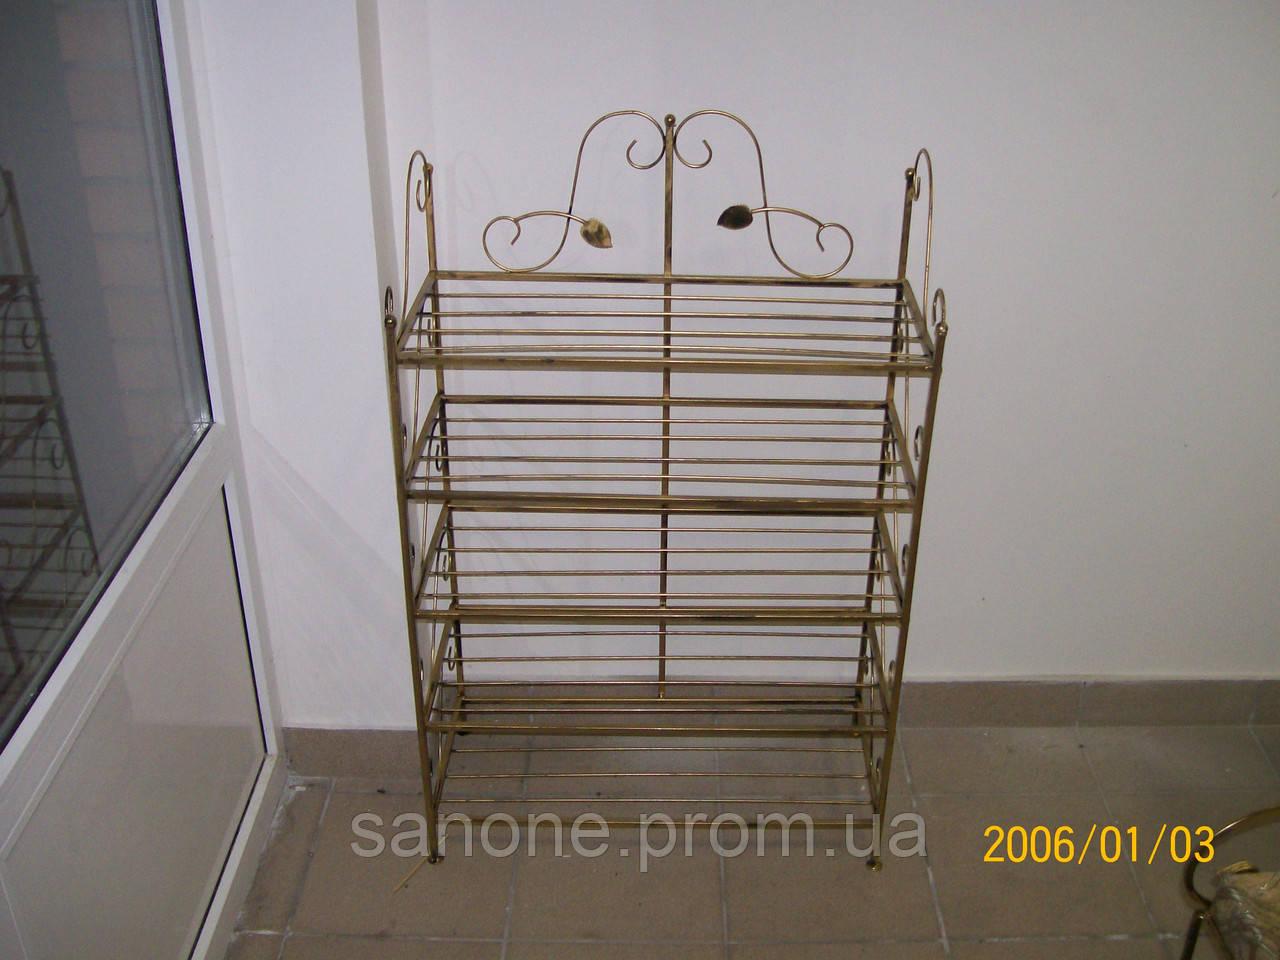 Кованая подставка для обуви., фото 1